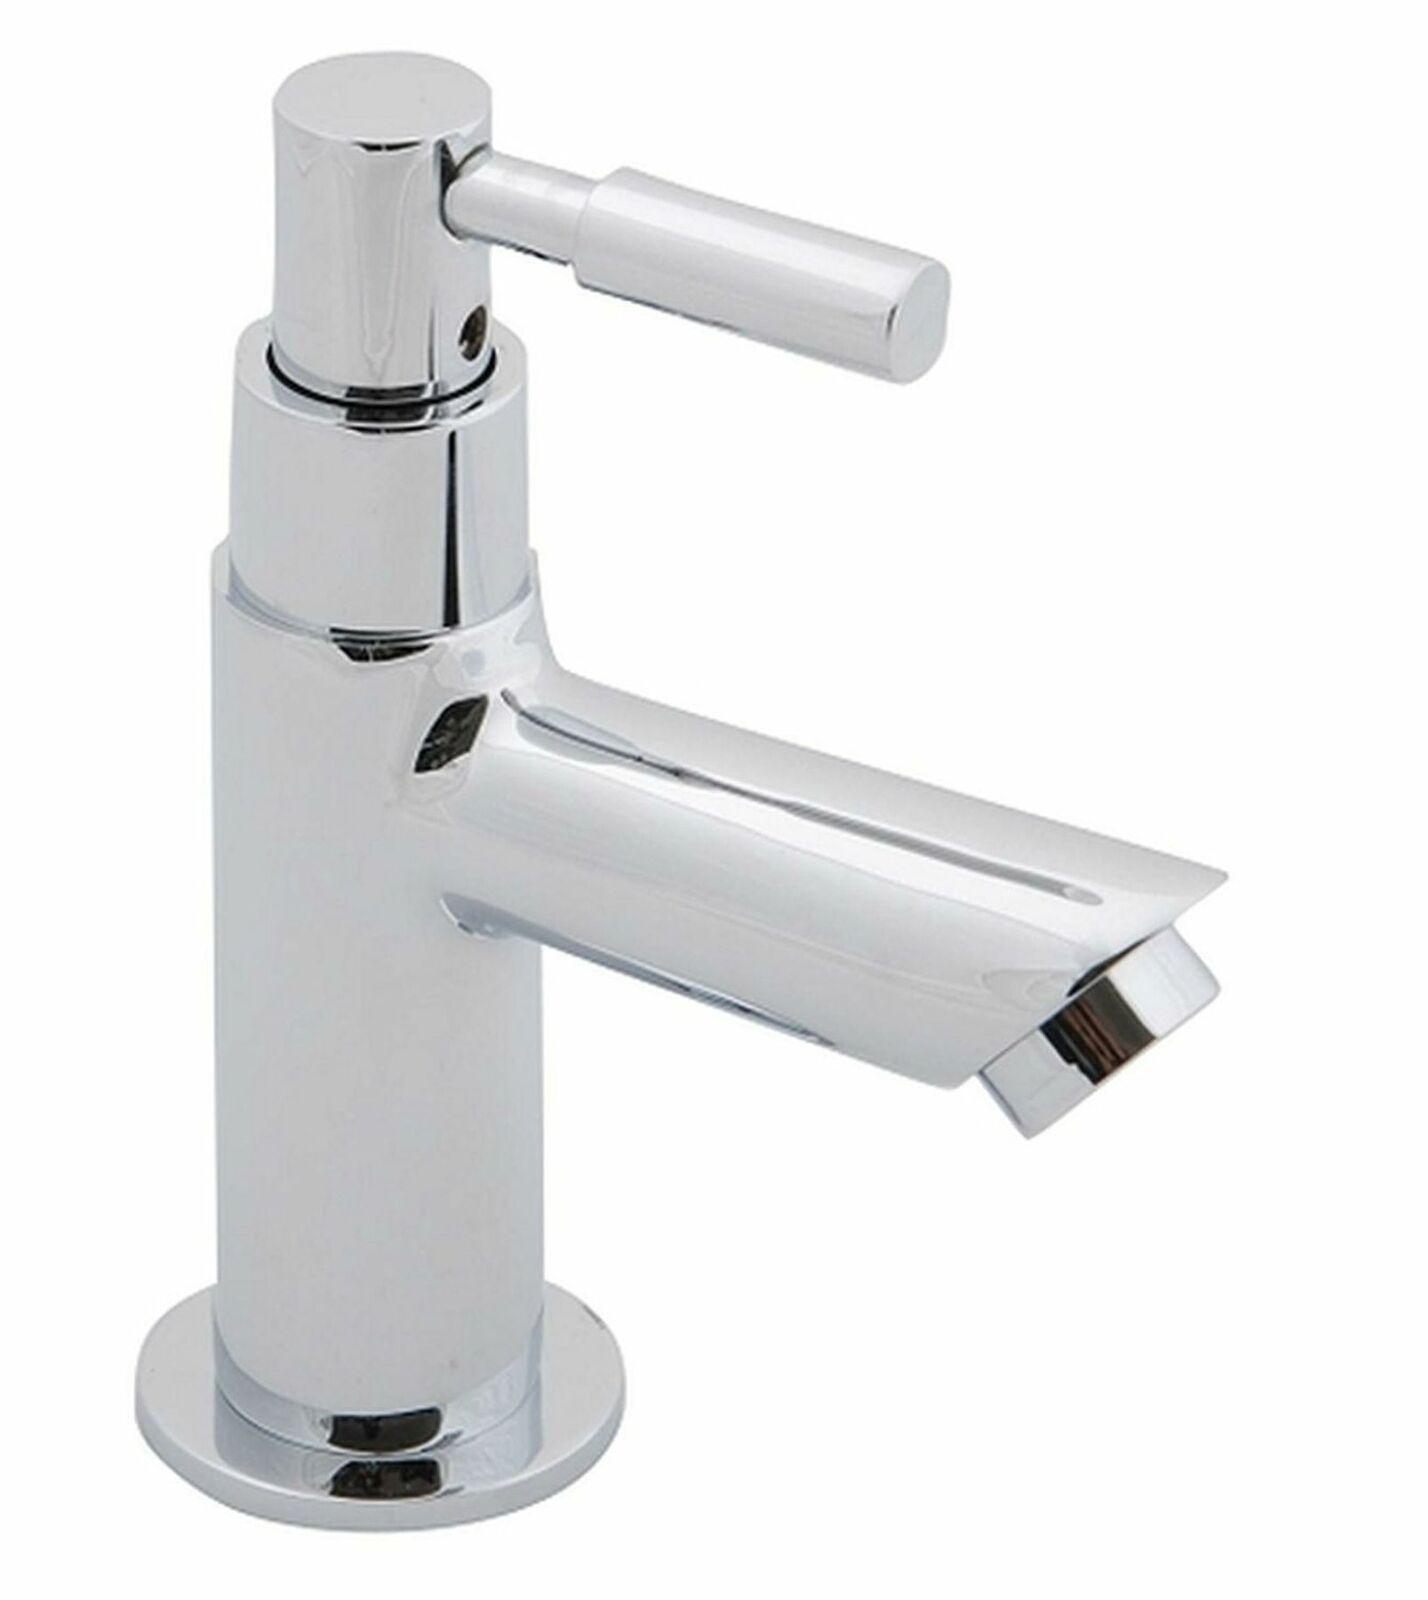 Waschbecken Armatur Badezimmer.Kaltwasser Gaste Wc Standventil Badezimmer Waschbecken Armatur